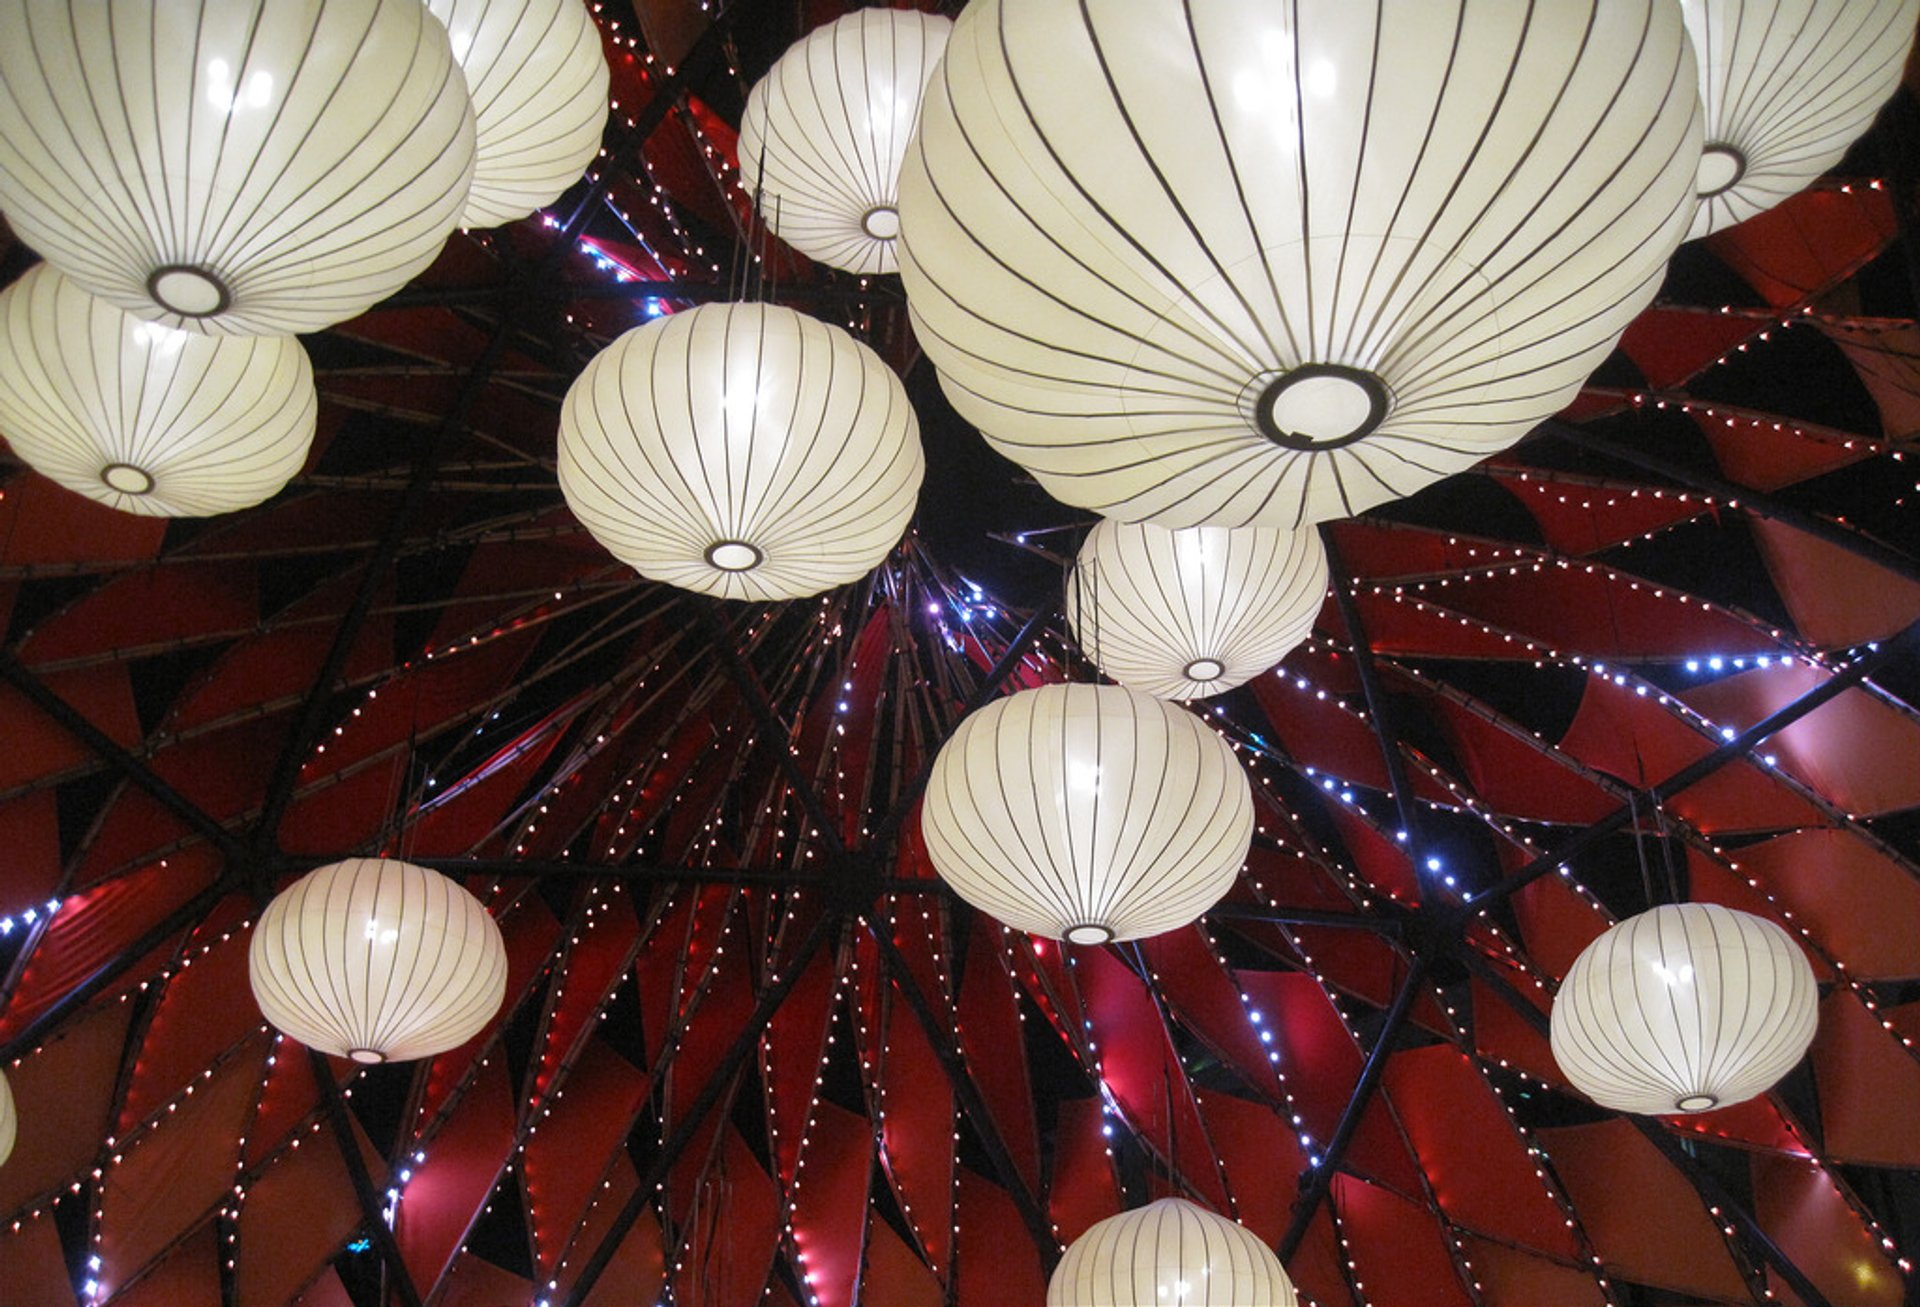 image of chinese paper lanterns